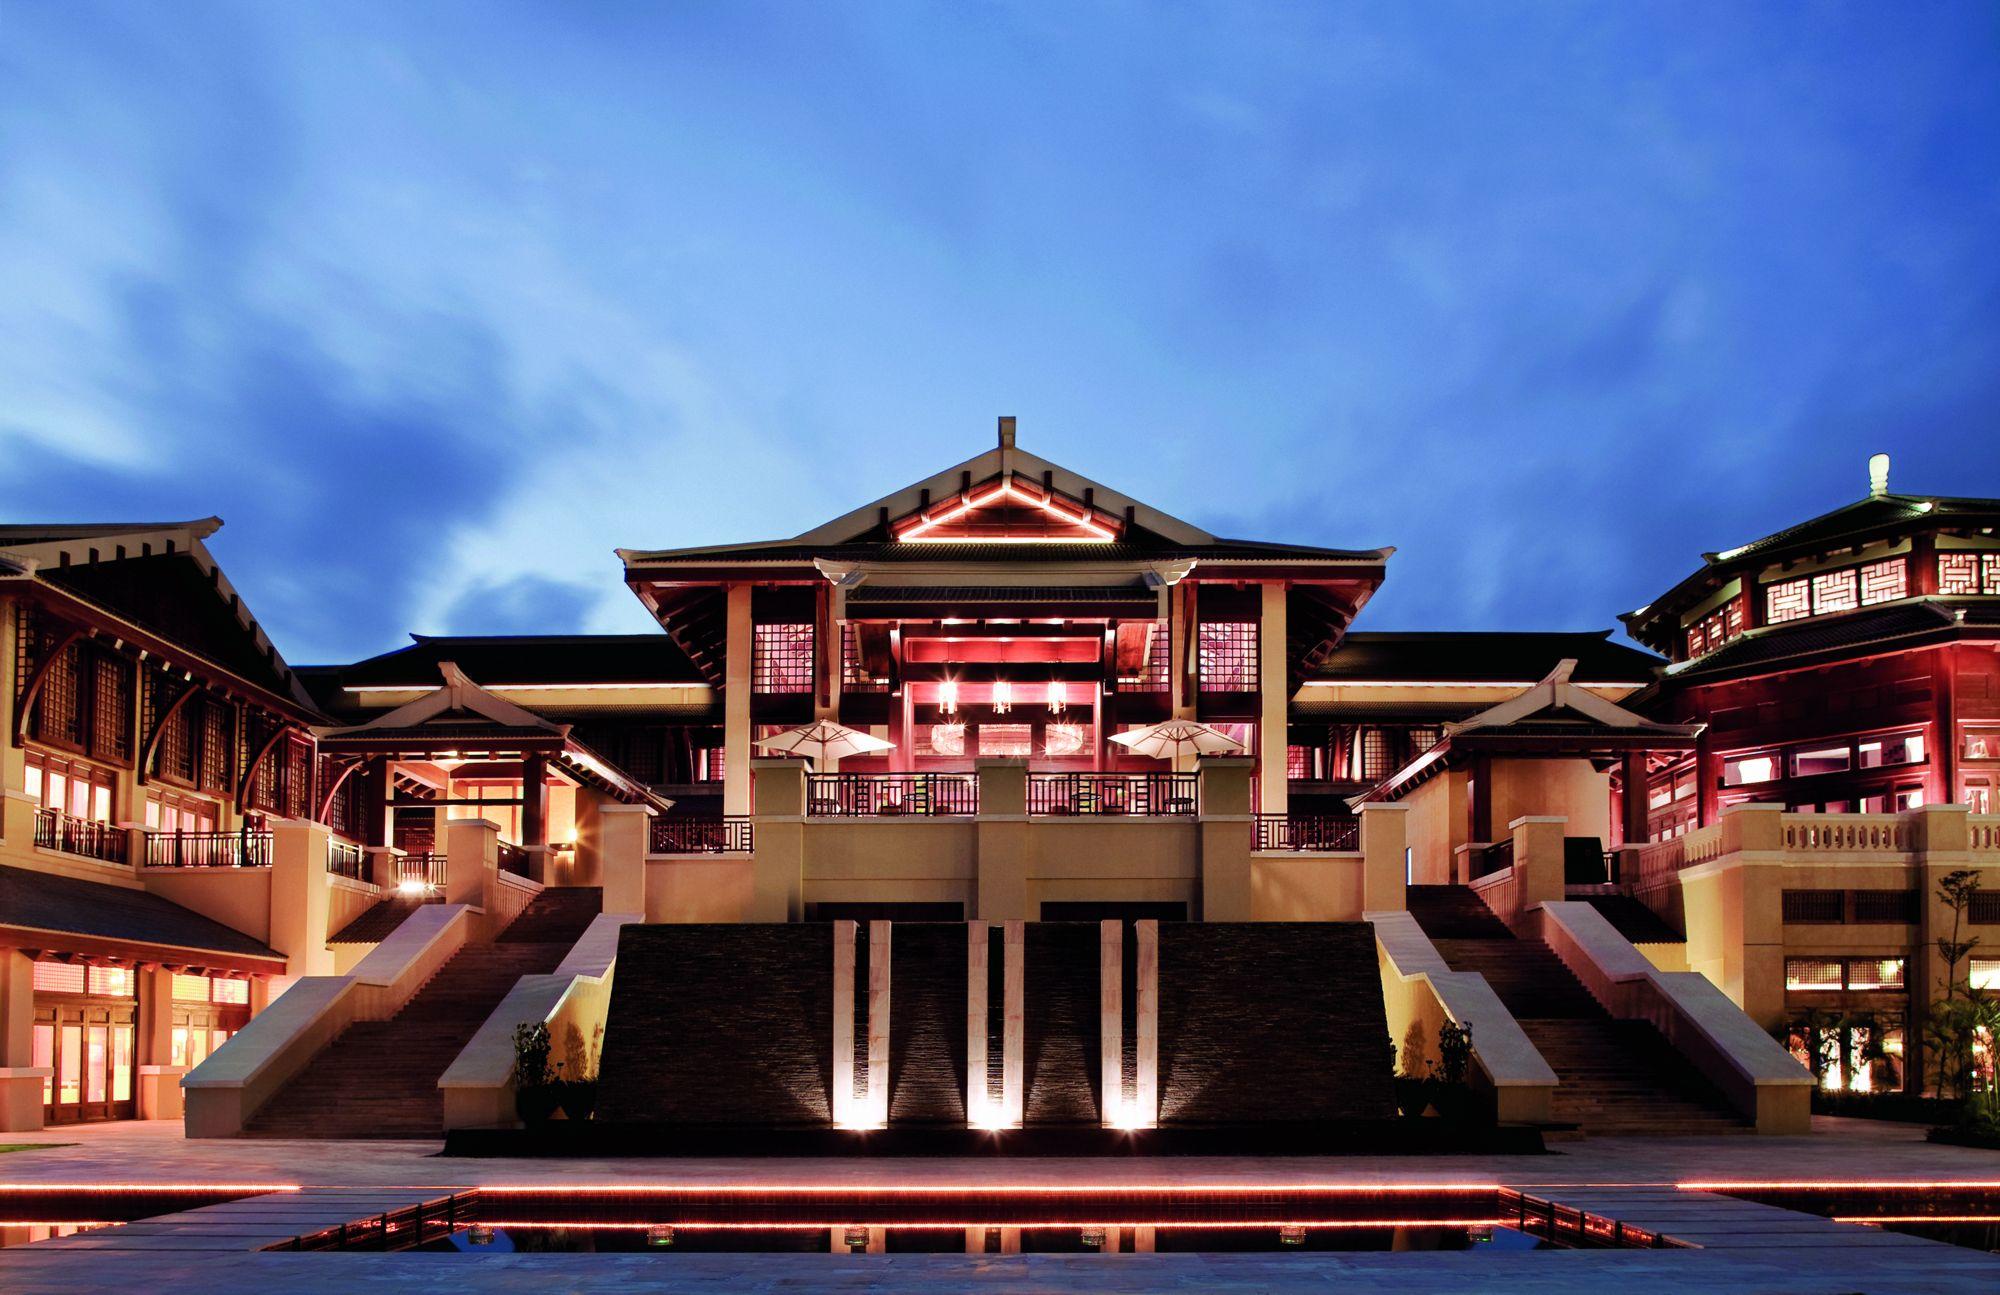 万豪计划在亚太地区新增约 100家酒店,半数位于中国